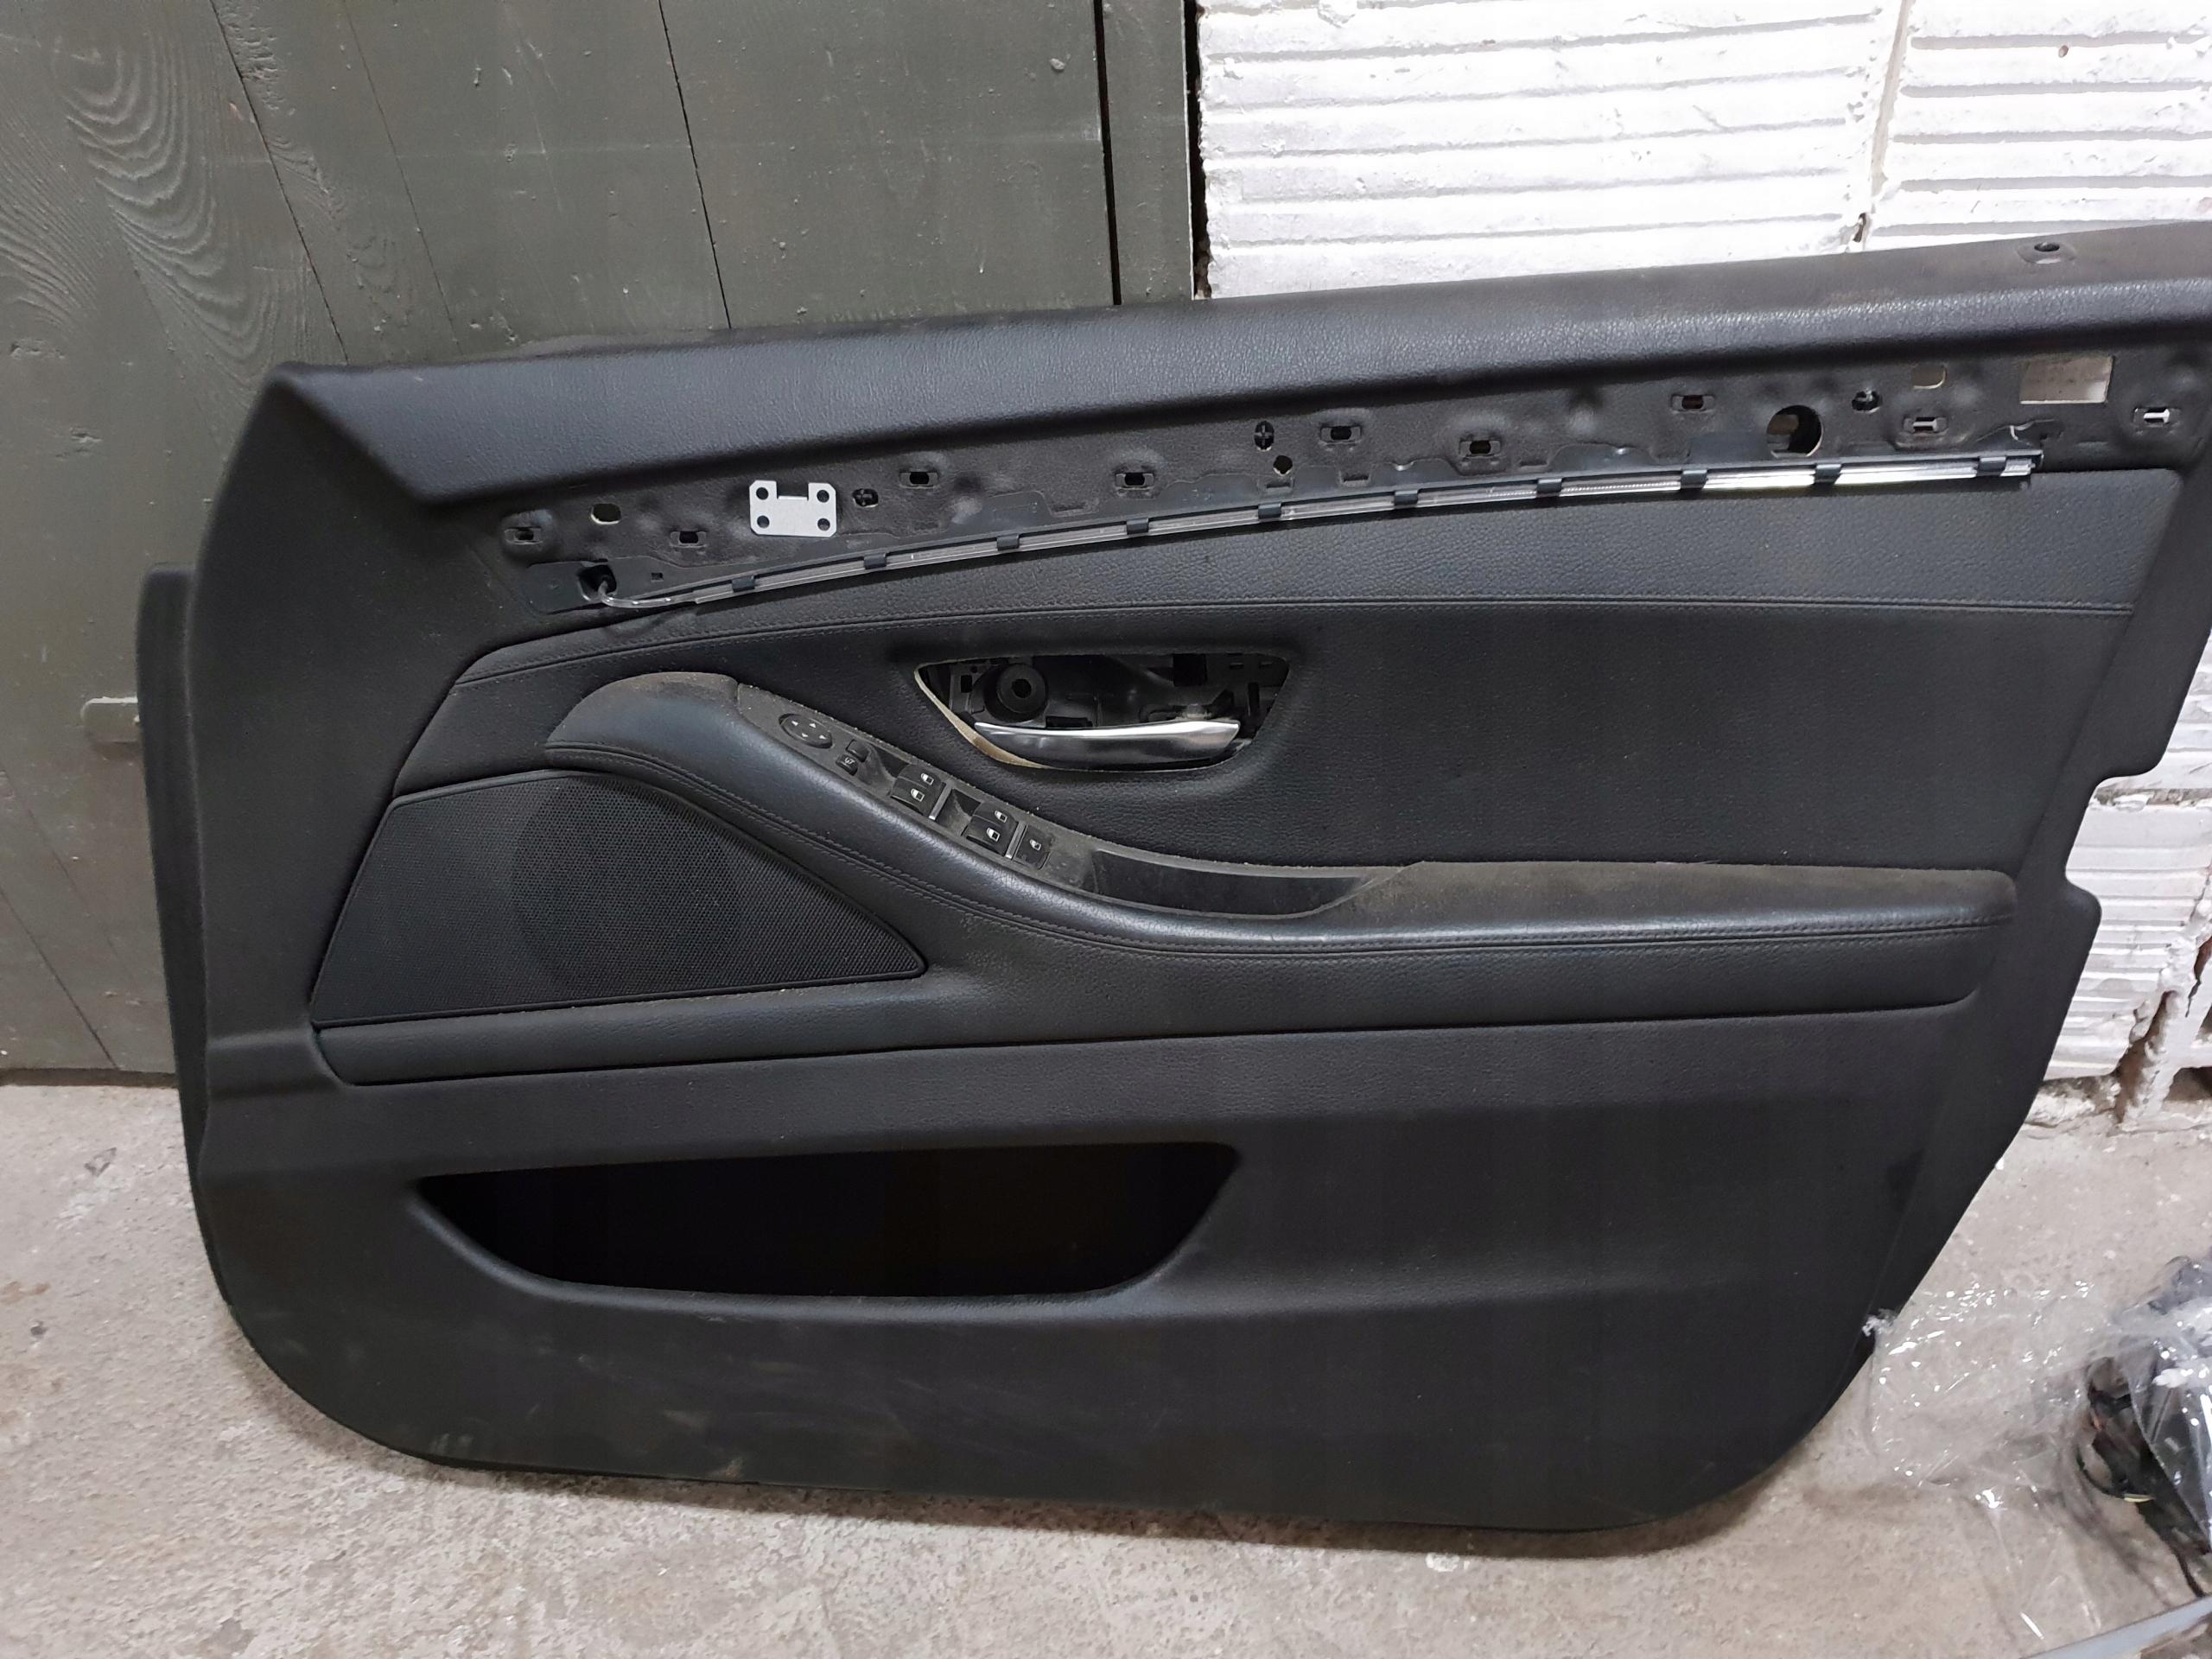 Boczek Drzwi Prawy Przód Bmw F10 Ambiente 7604106208